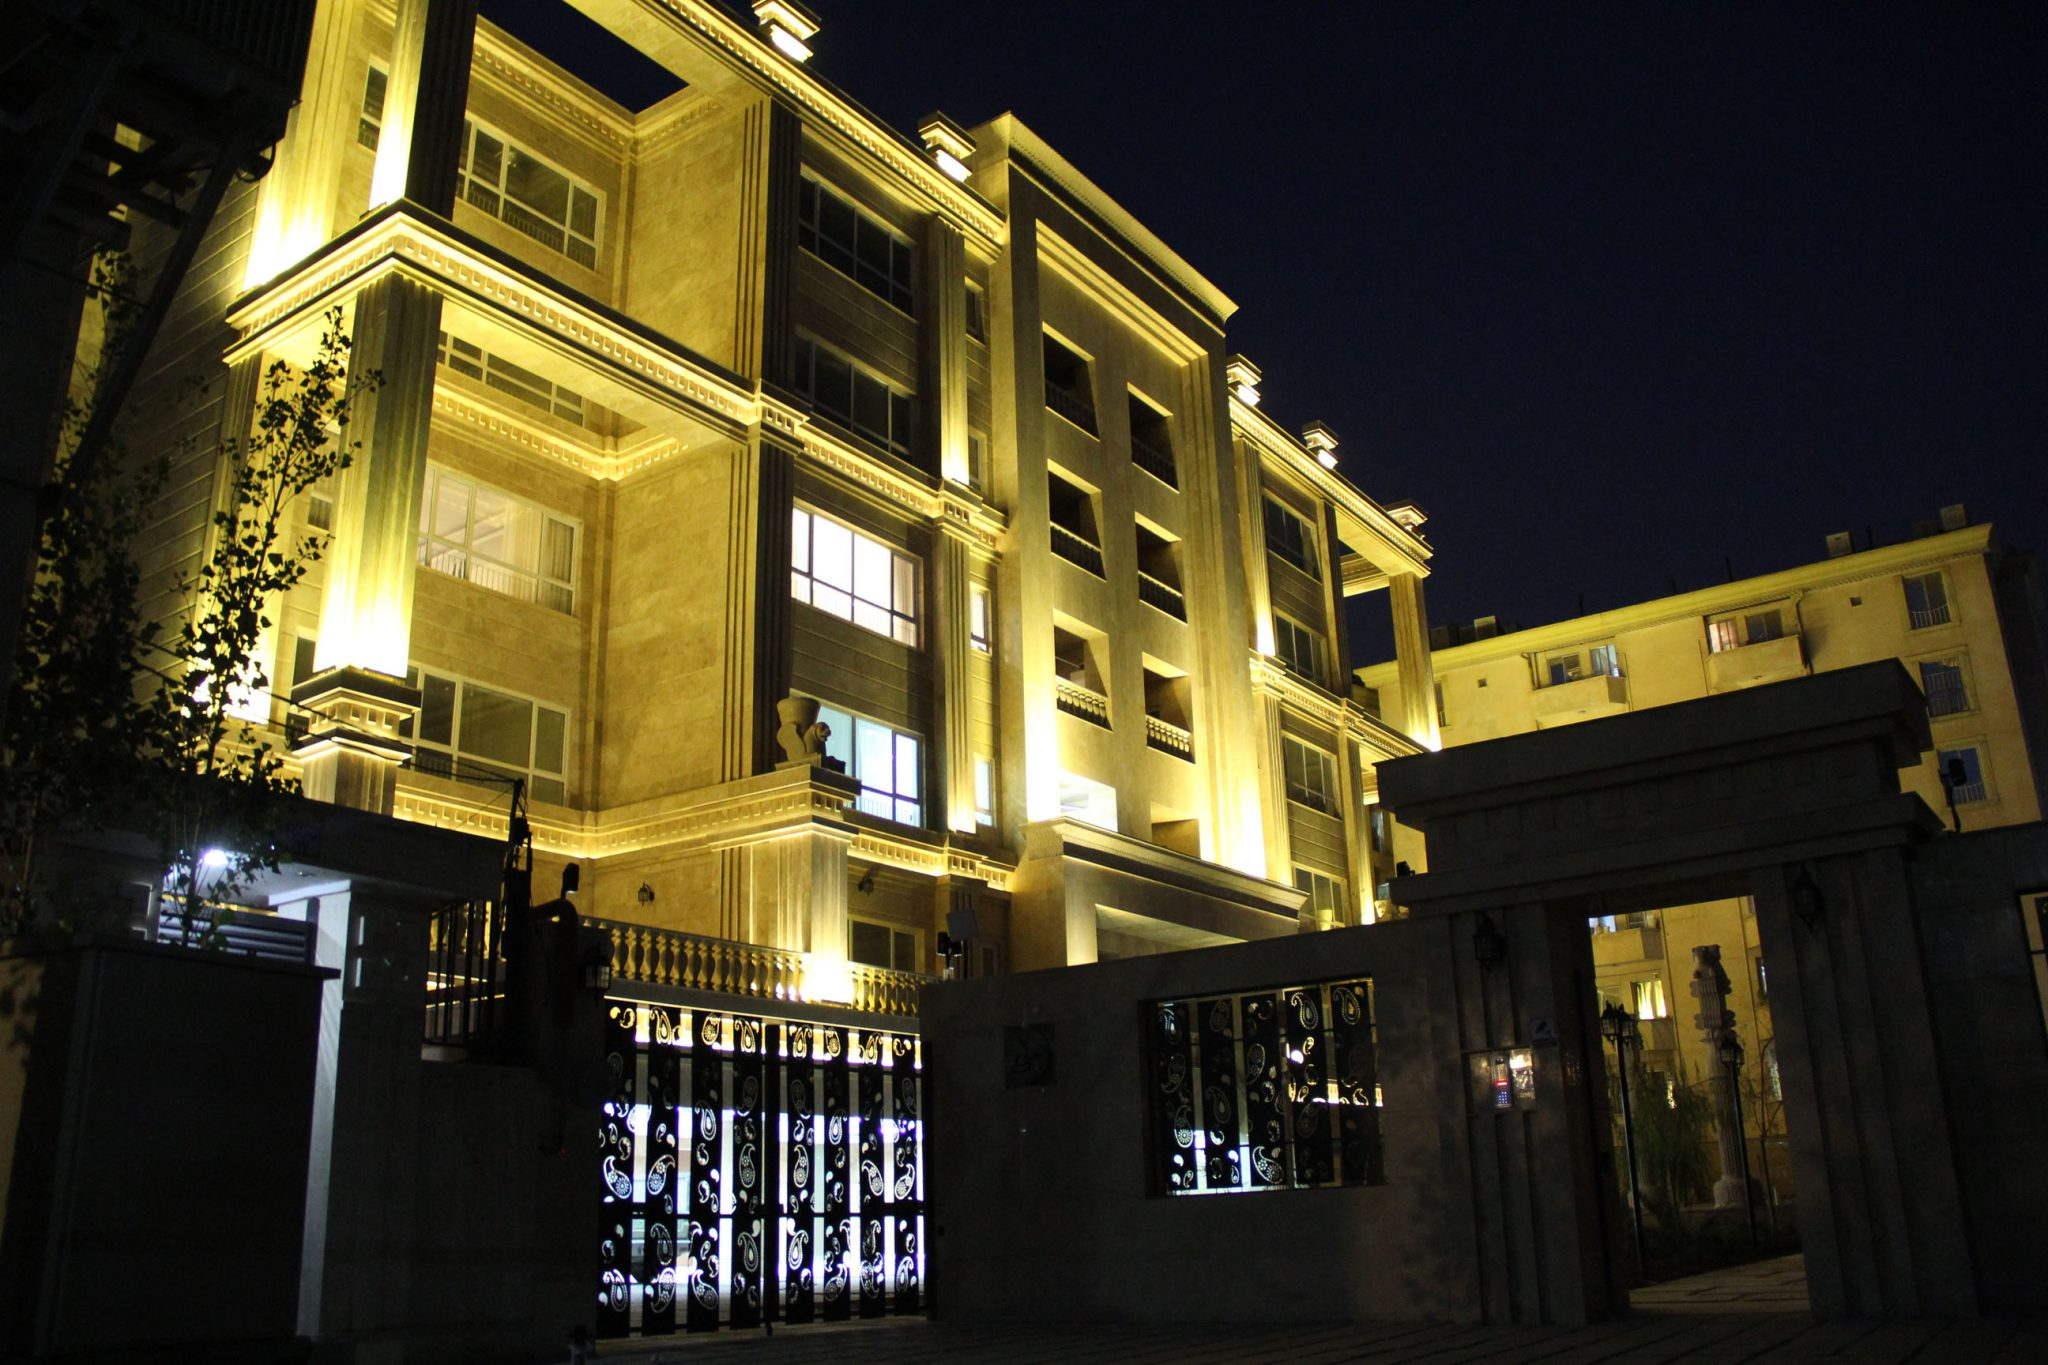 نمای ساختمان با نورپردازی